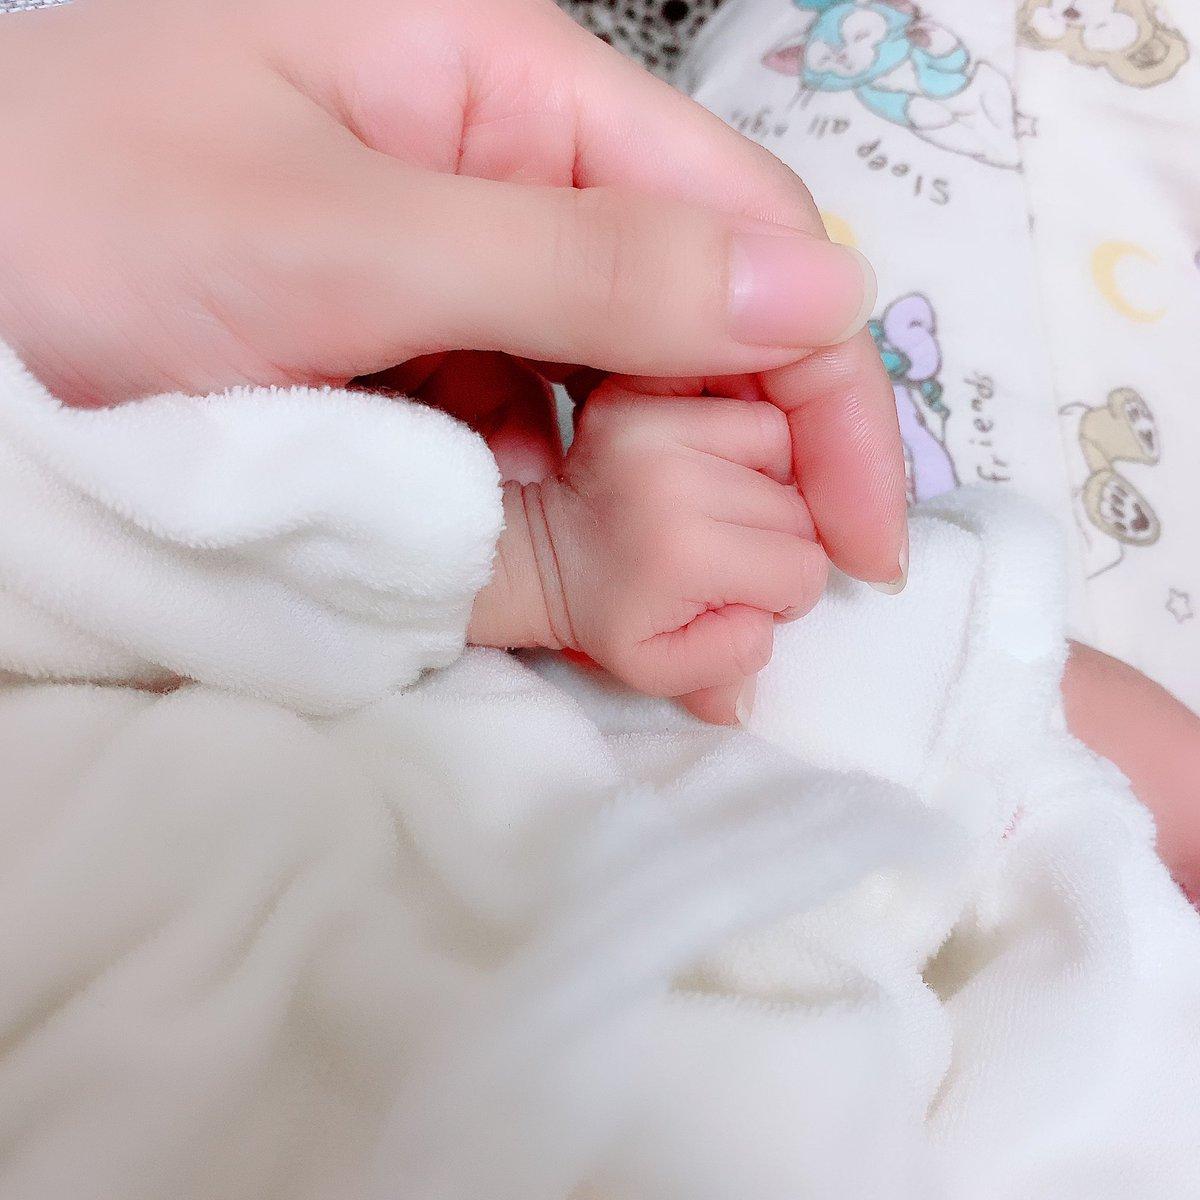 【ご報告】この度、無事女の子を出産しました。母子ともに健康で、元気に生まれてきてくれて安心しました。とても幸せです♡温かく見守って頂けたらうれしいです。今後も応援よろしくお願いします。